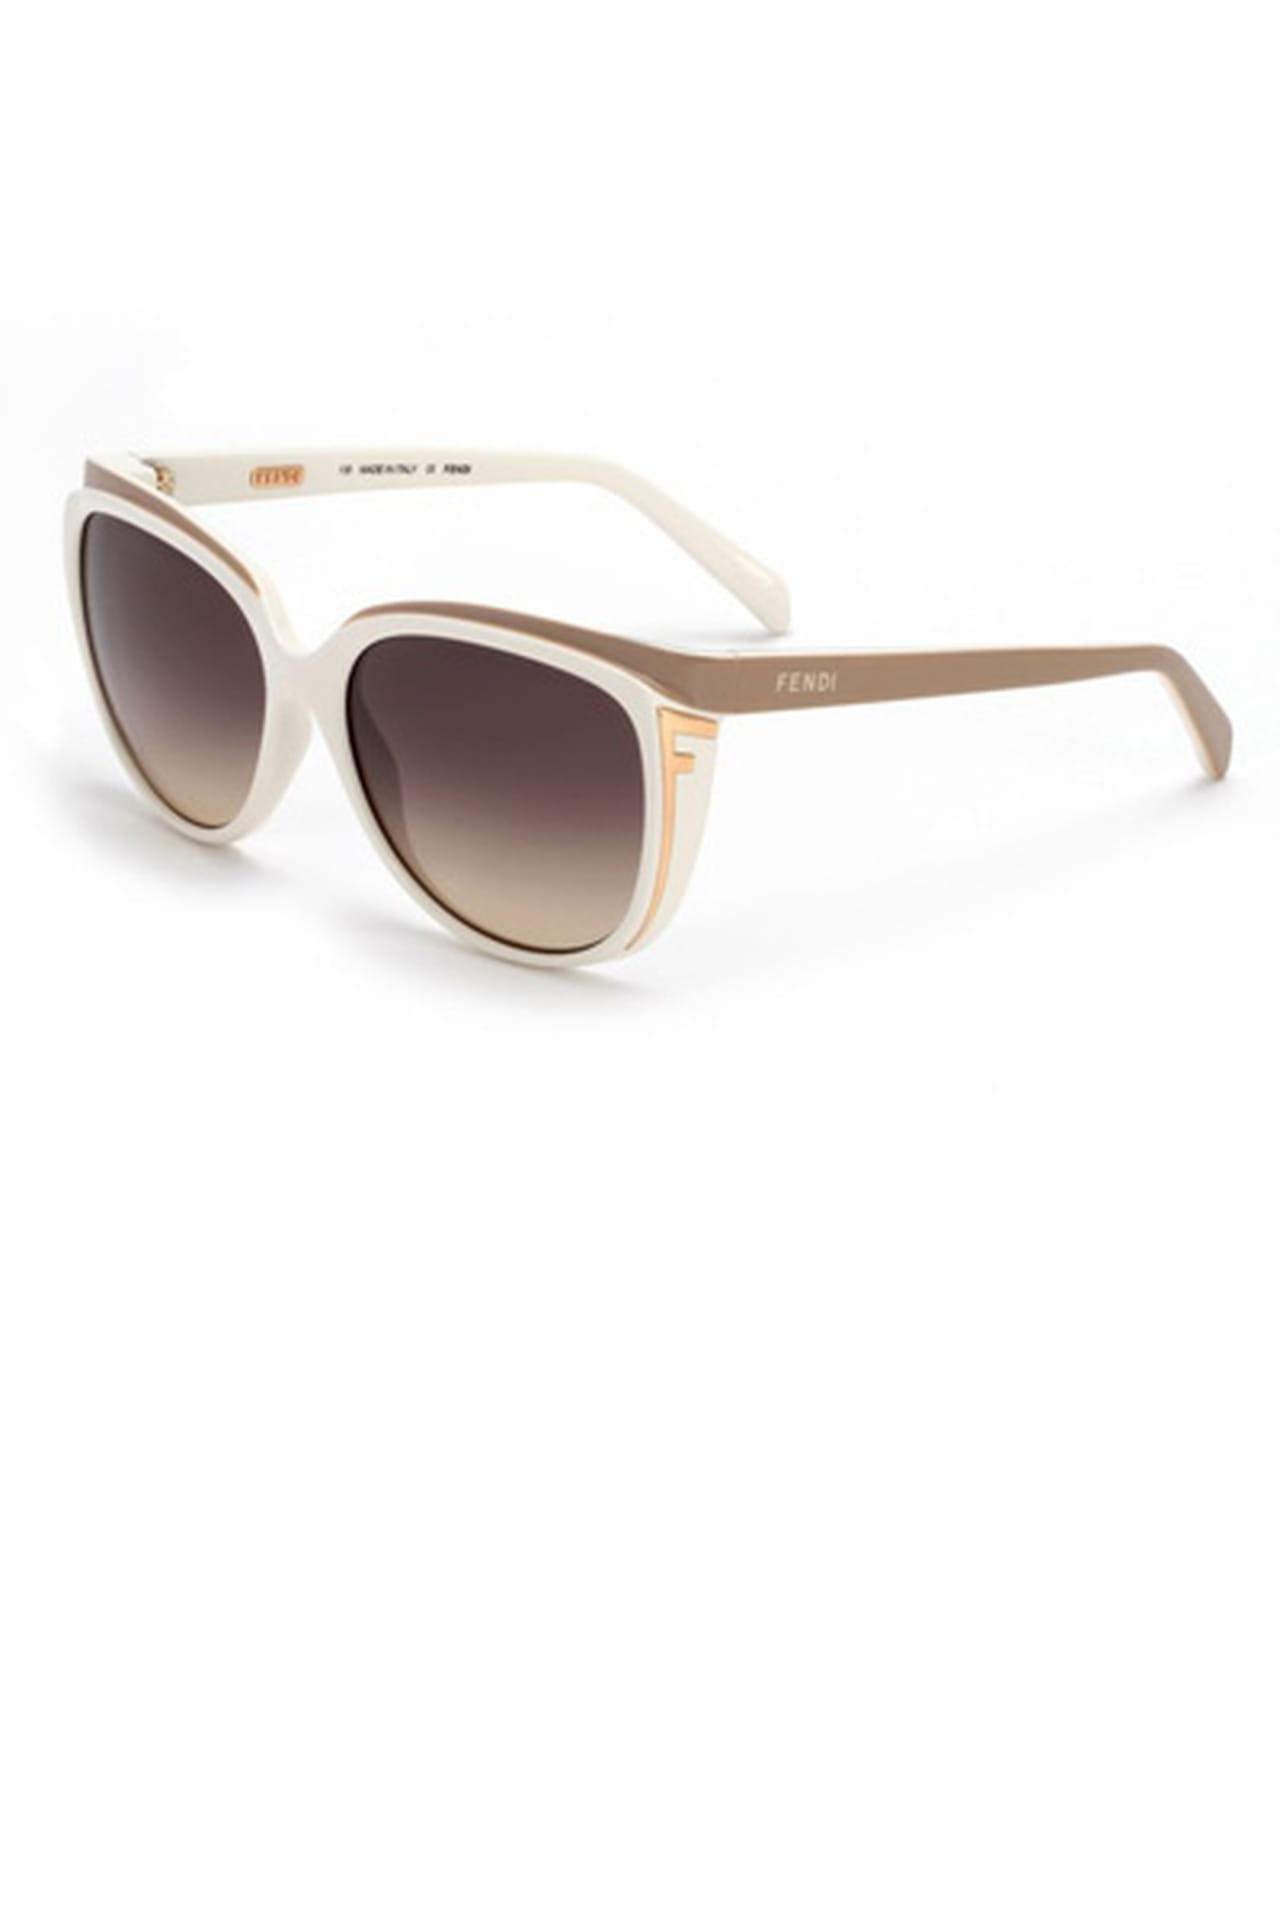 94a5b9837 نظارة شمسية بيضاء من Fendi. من مجموعة Fendi لربيع وصيف 2013